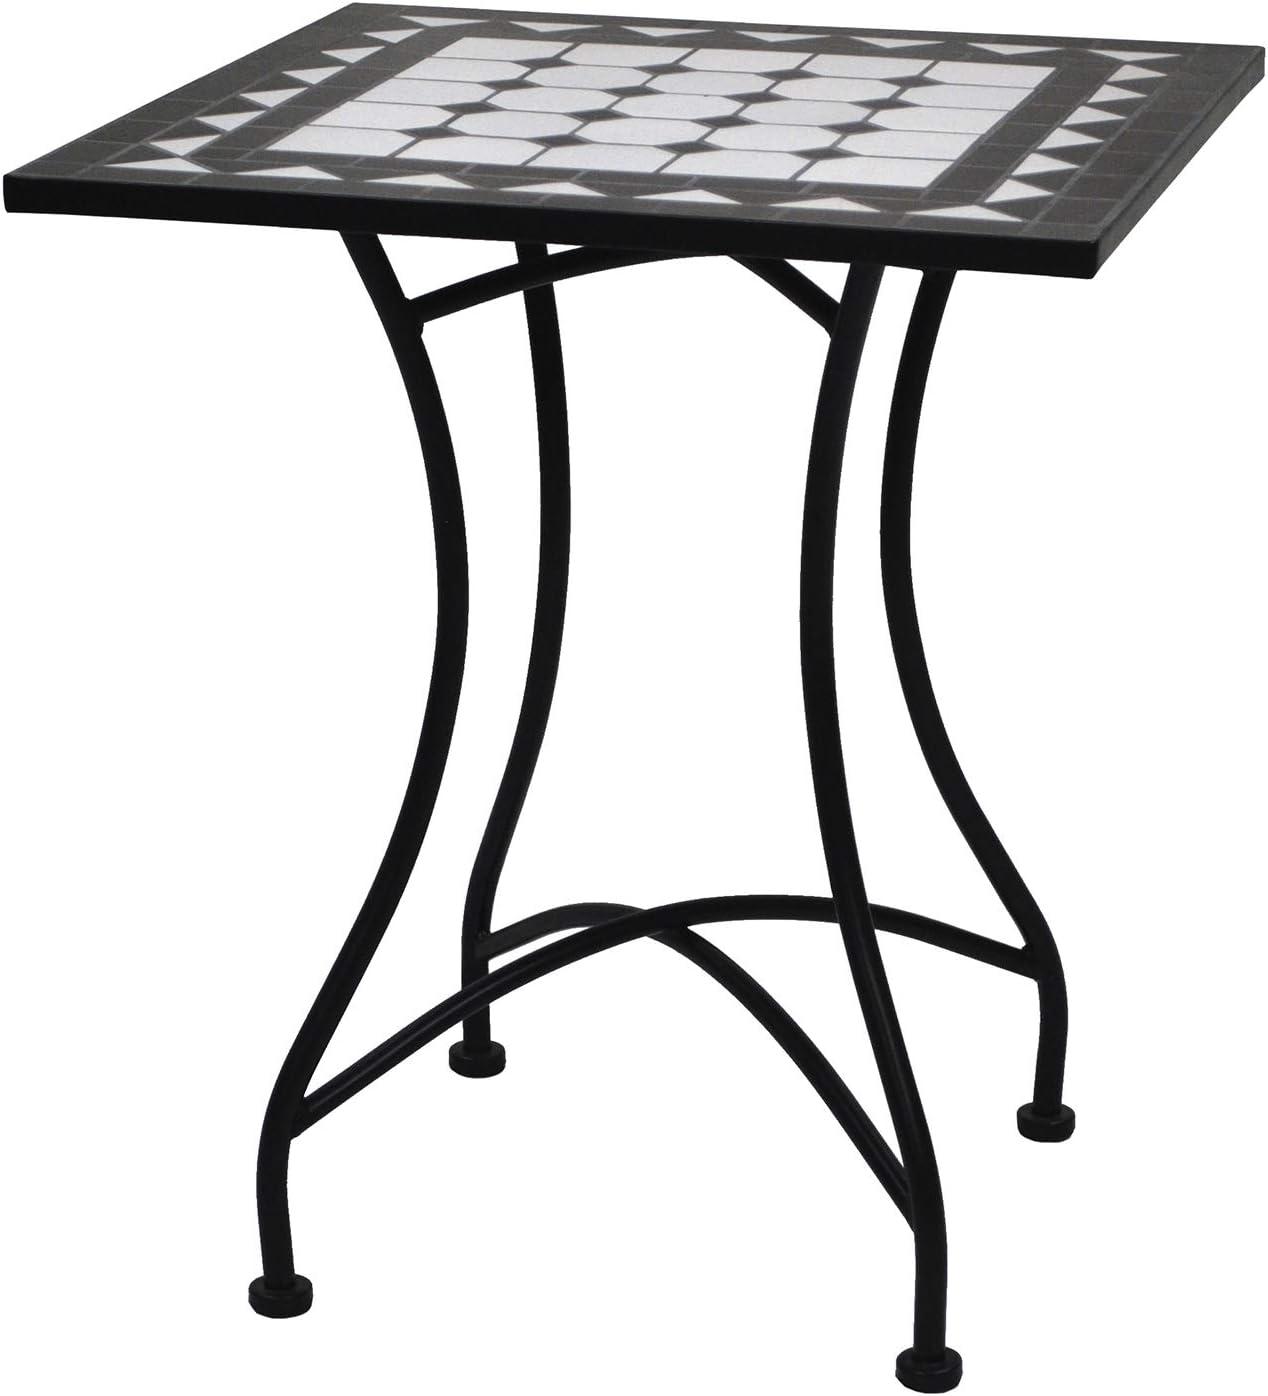 Mesa de forja y cerámica de 60 x 60 cm con Mosaico para 4 Asientos (Negro)